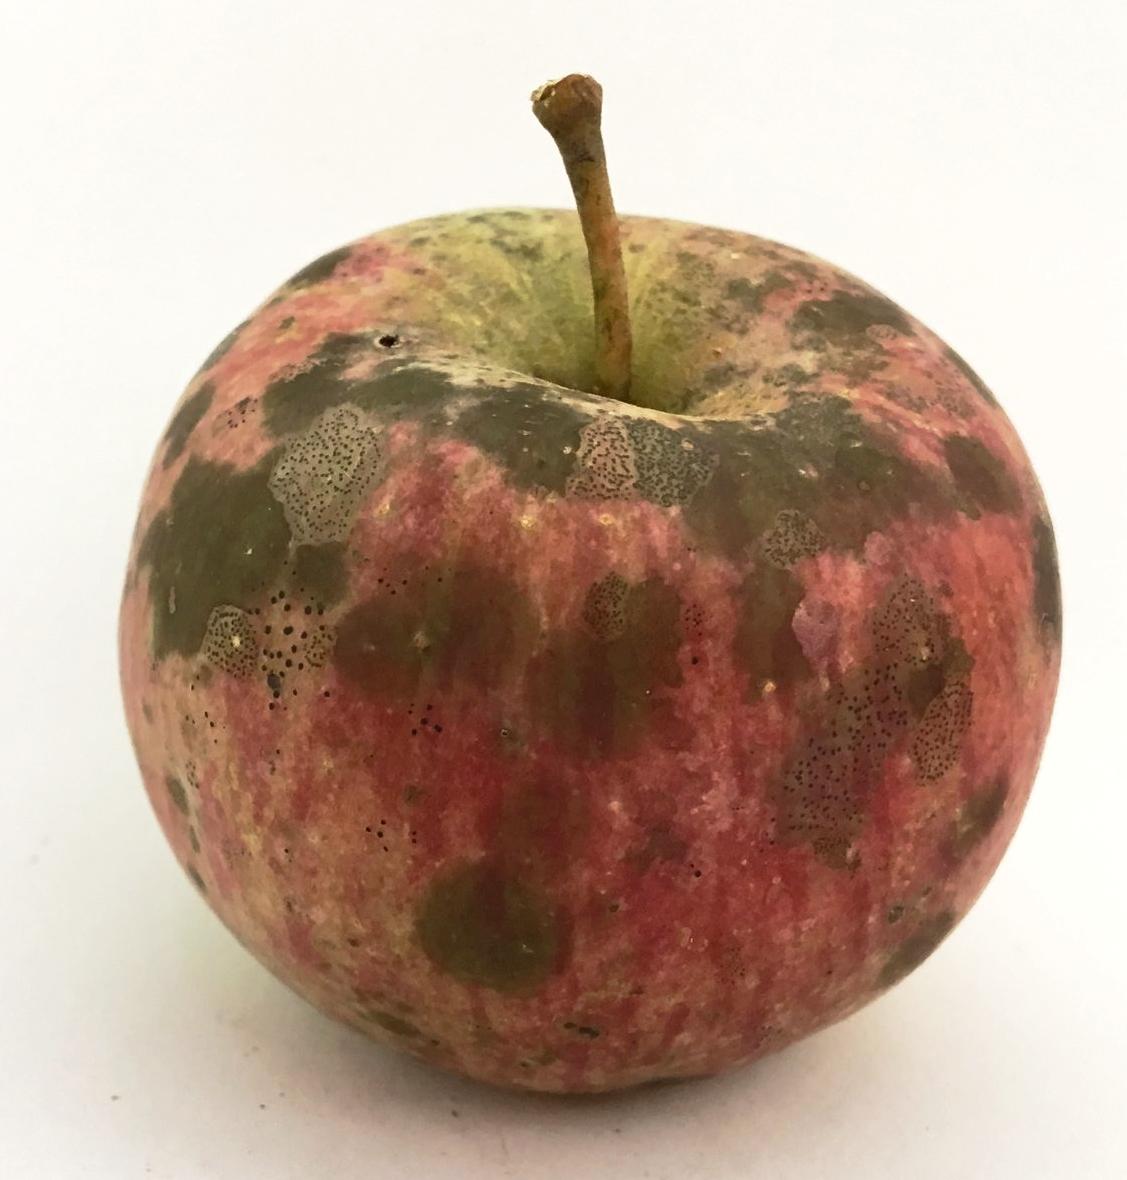 Stump Apple